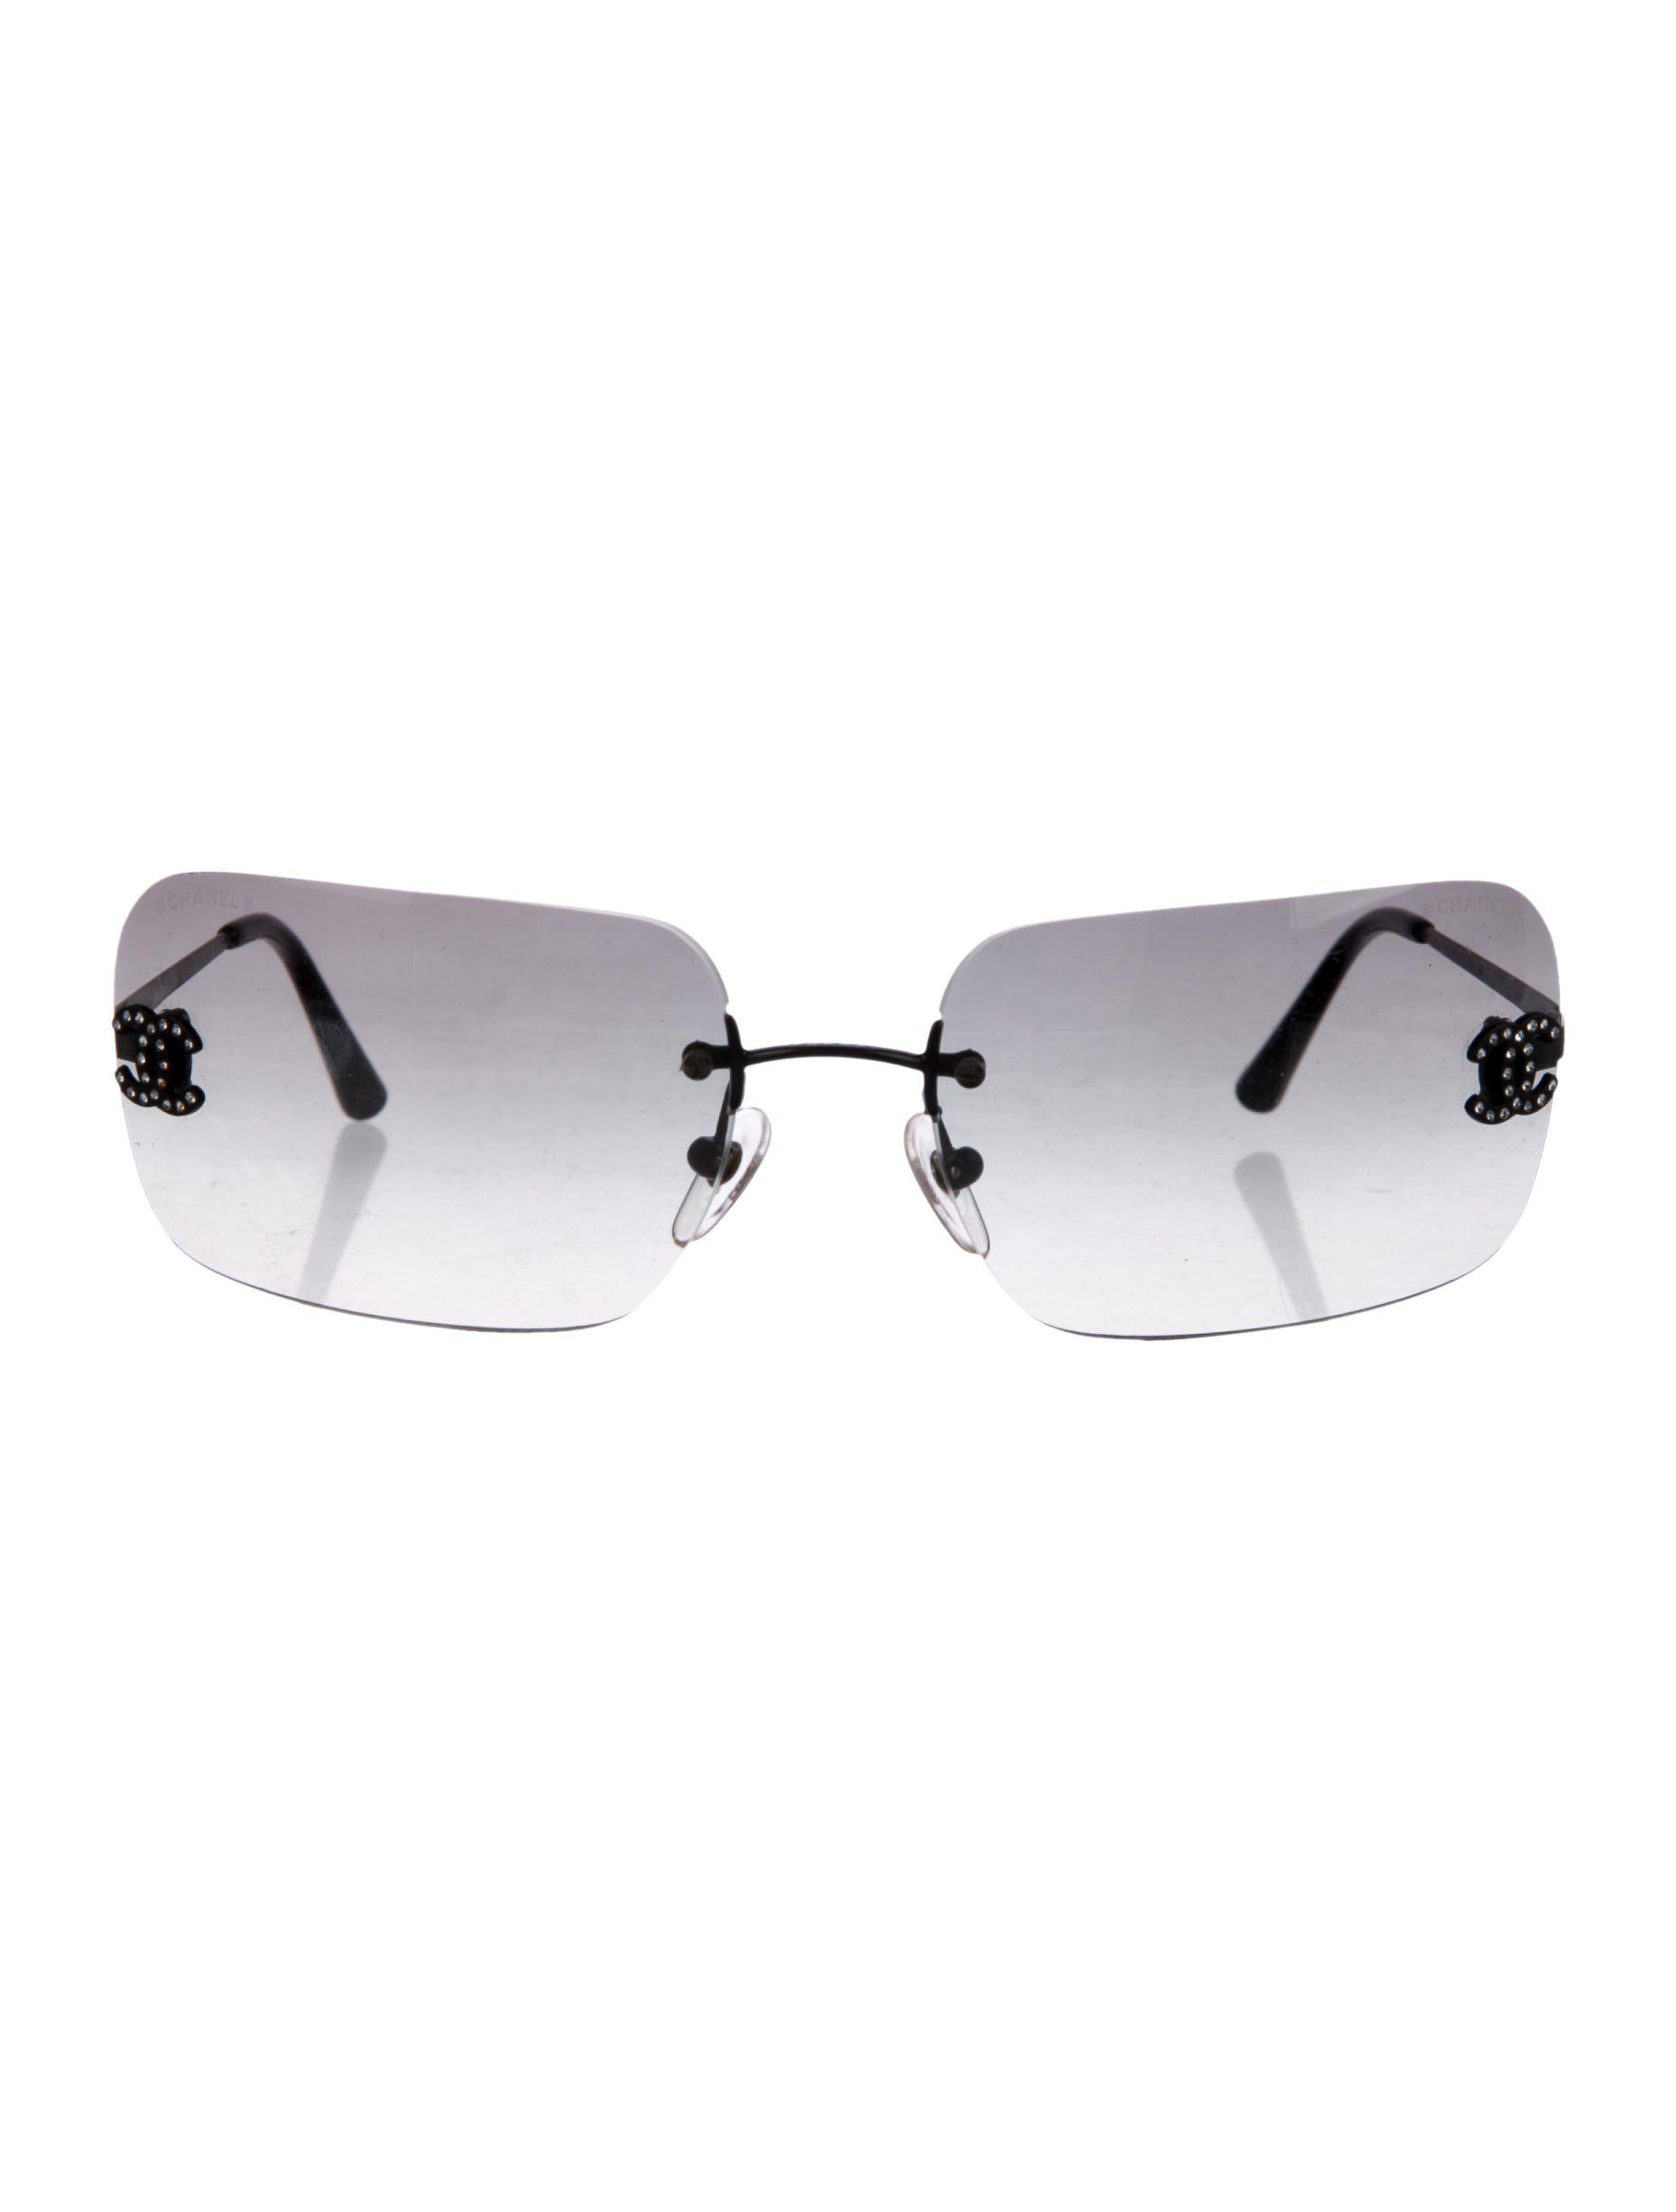 b760d60f1f2f Lyst - Chanel Cc Rimless Sunglasses in Black